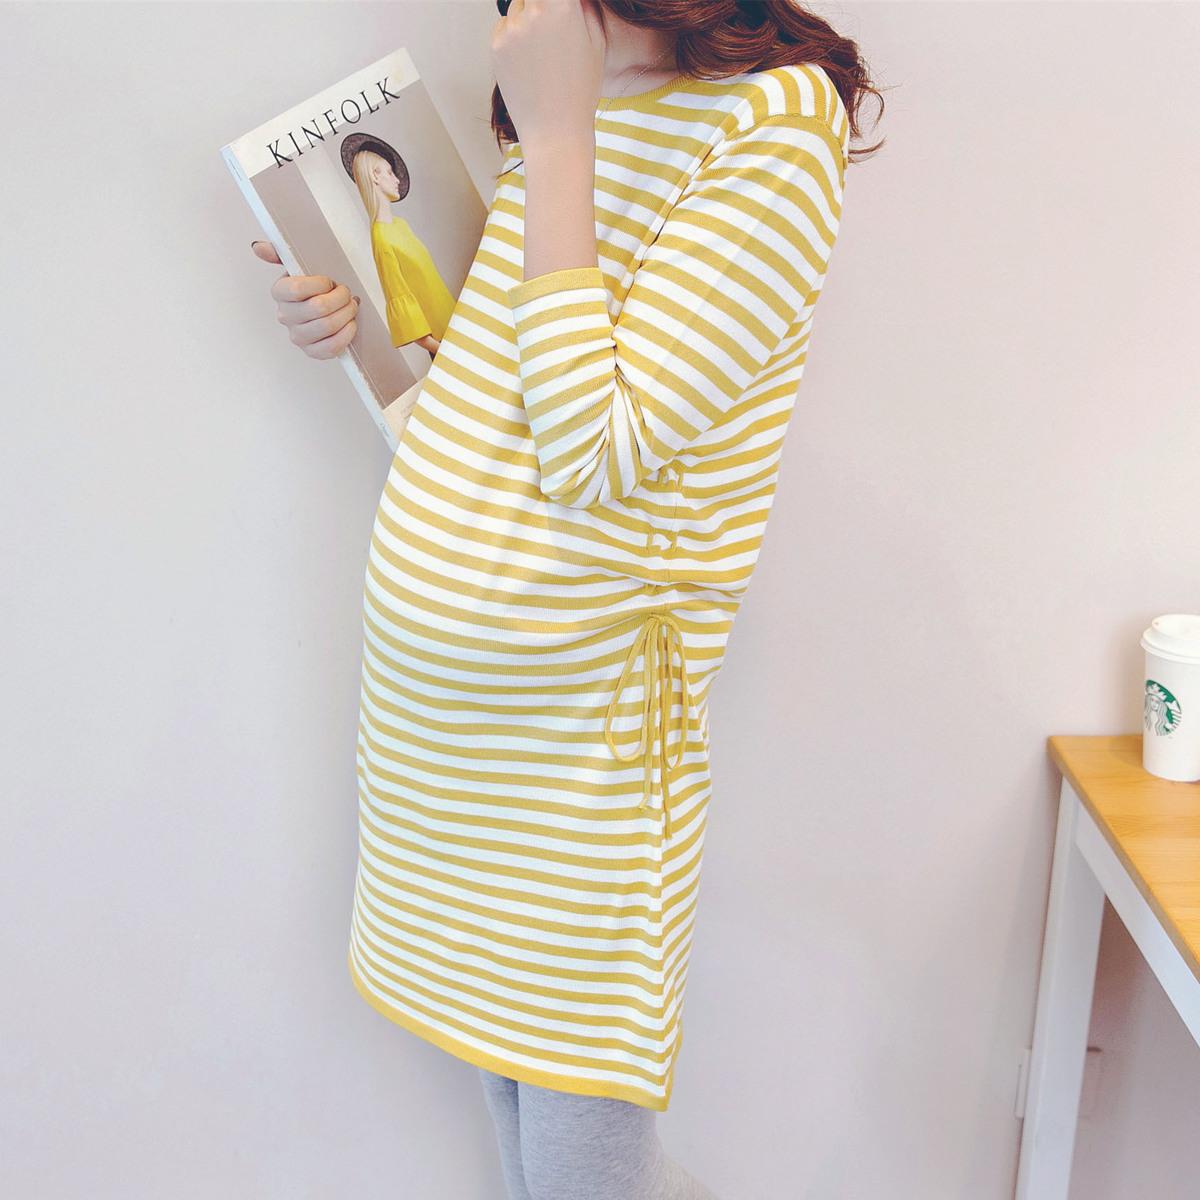 孕妇装春夏季上衣针织裙时尚中长款条纹T恤裙宽松冰麻孕妇连衣裙